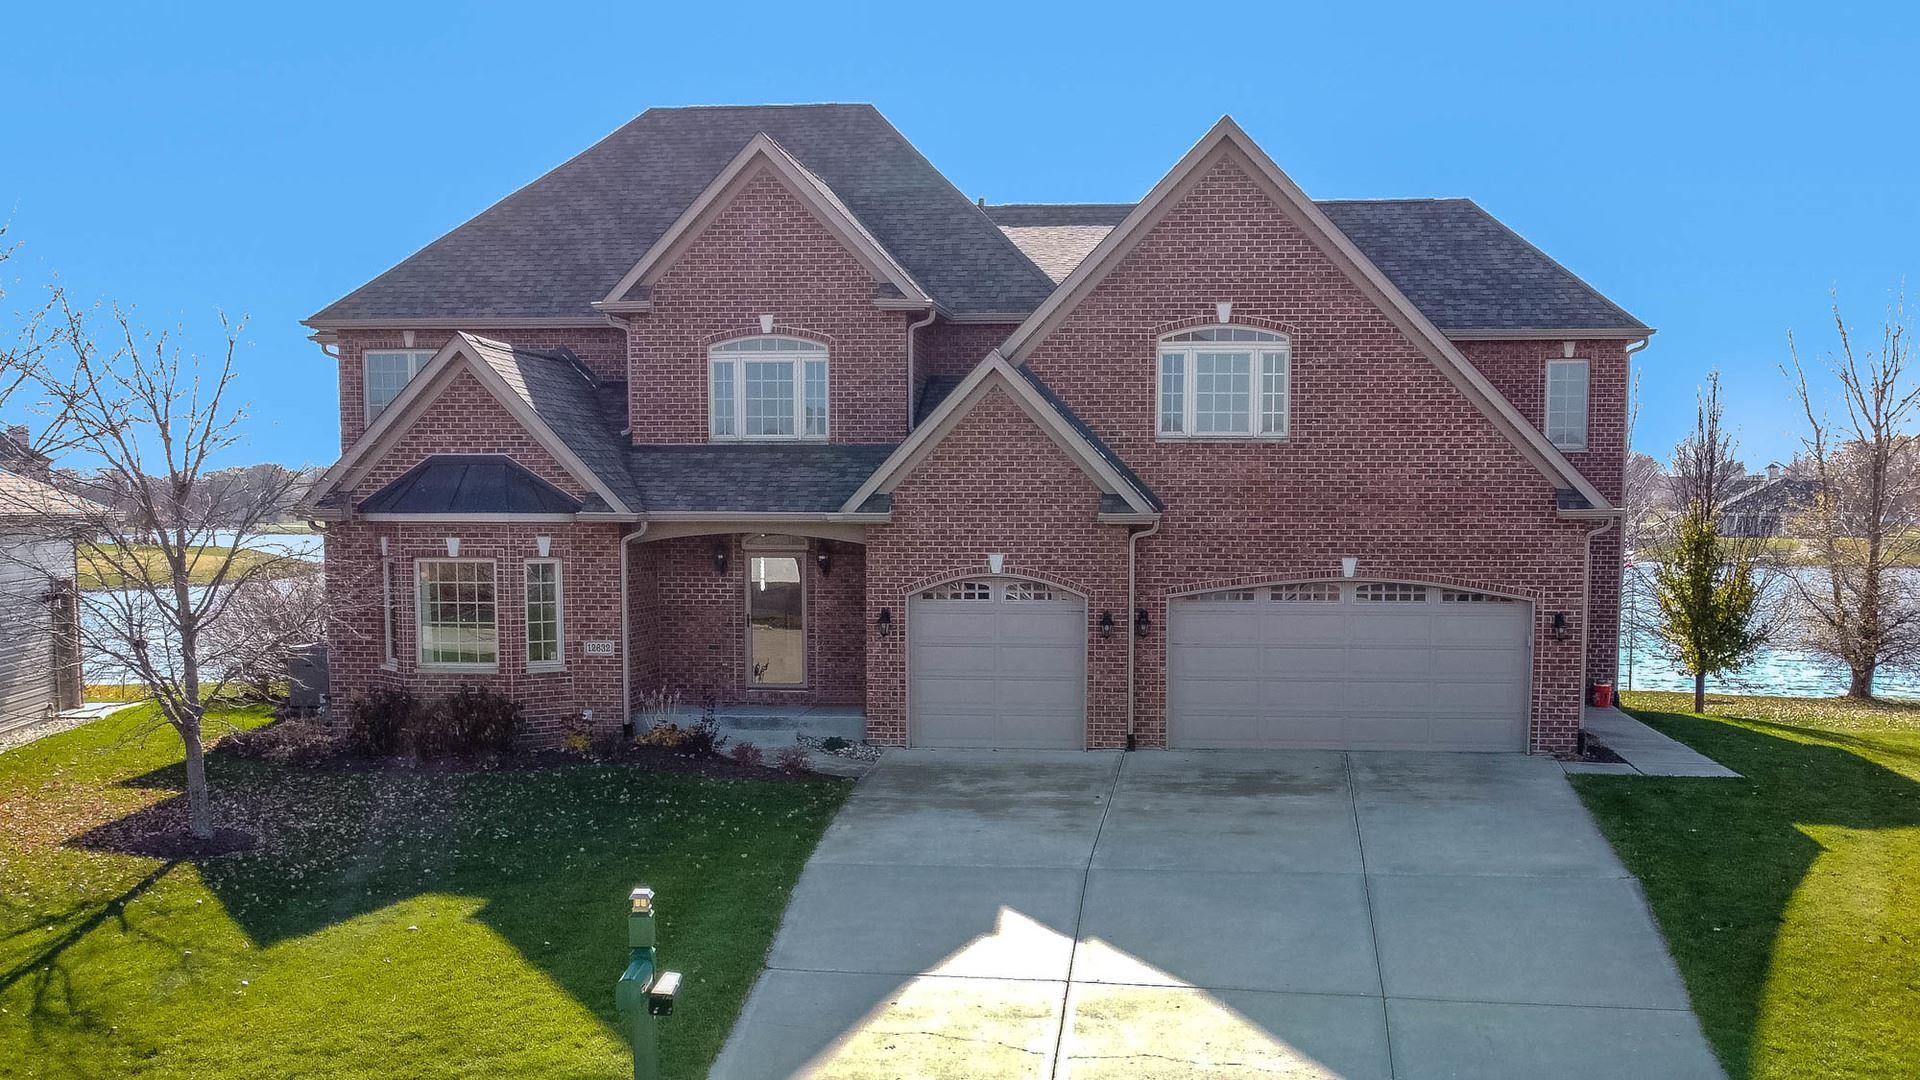 12632 PEMBERTON Place, Winnebago, IL 61088 - #: 10927800